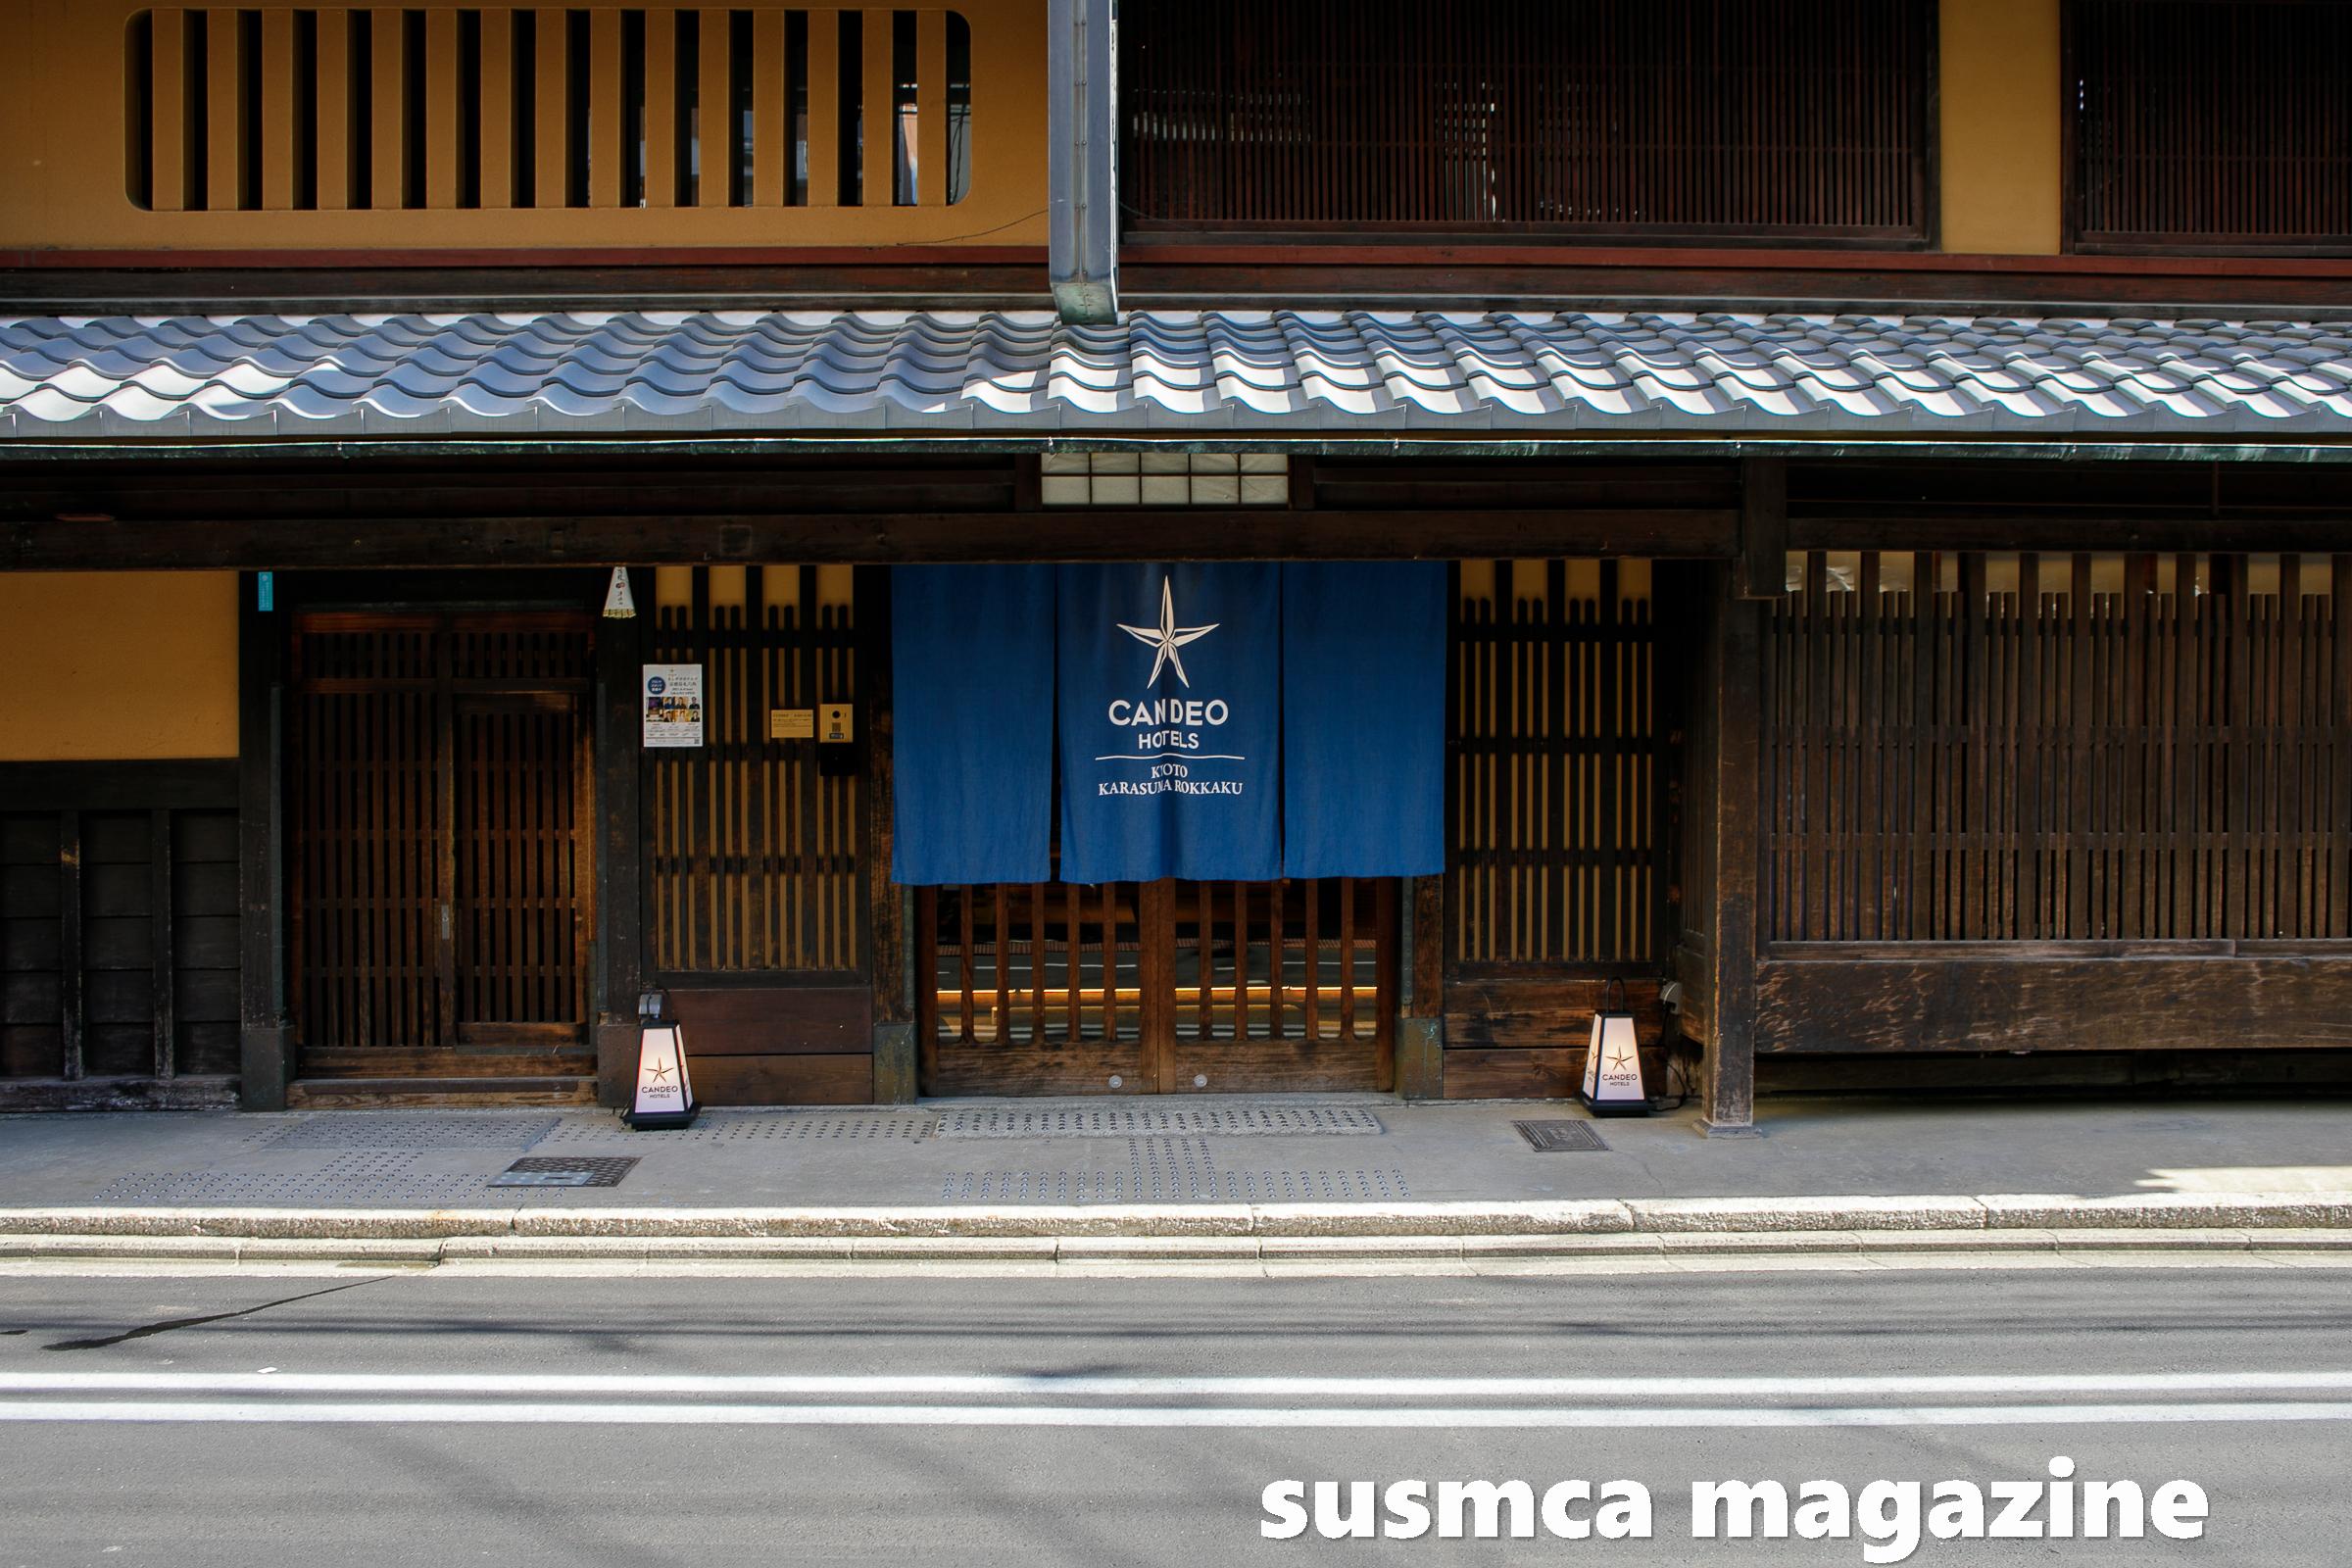 《体験口コミ》カンデオホテルズ京都烏丸六角 に実際に泊まってみたら最高だった《4つ星ホテルの理由》